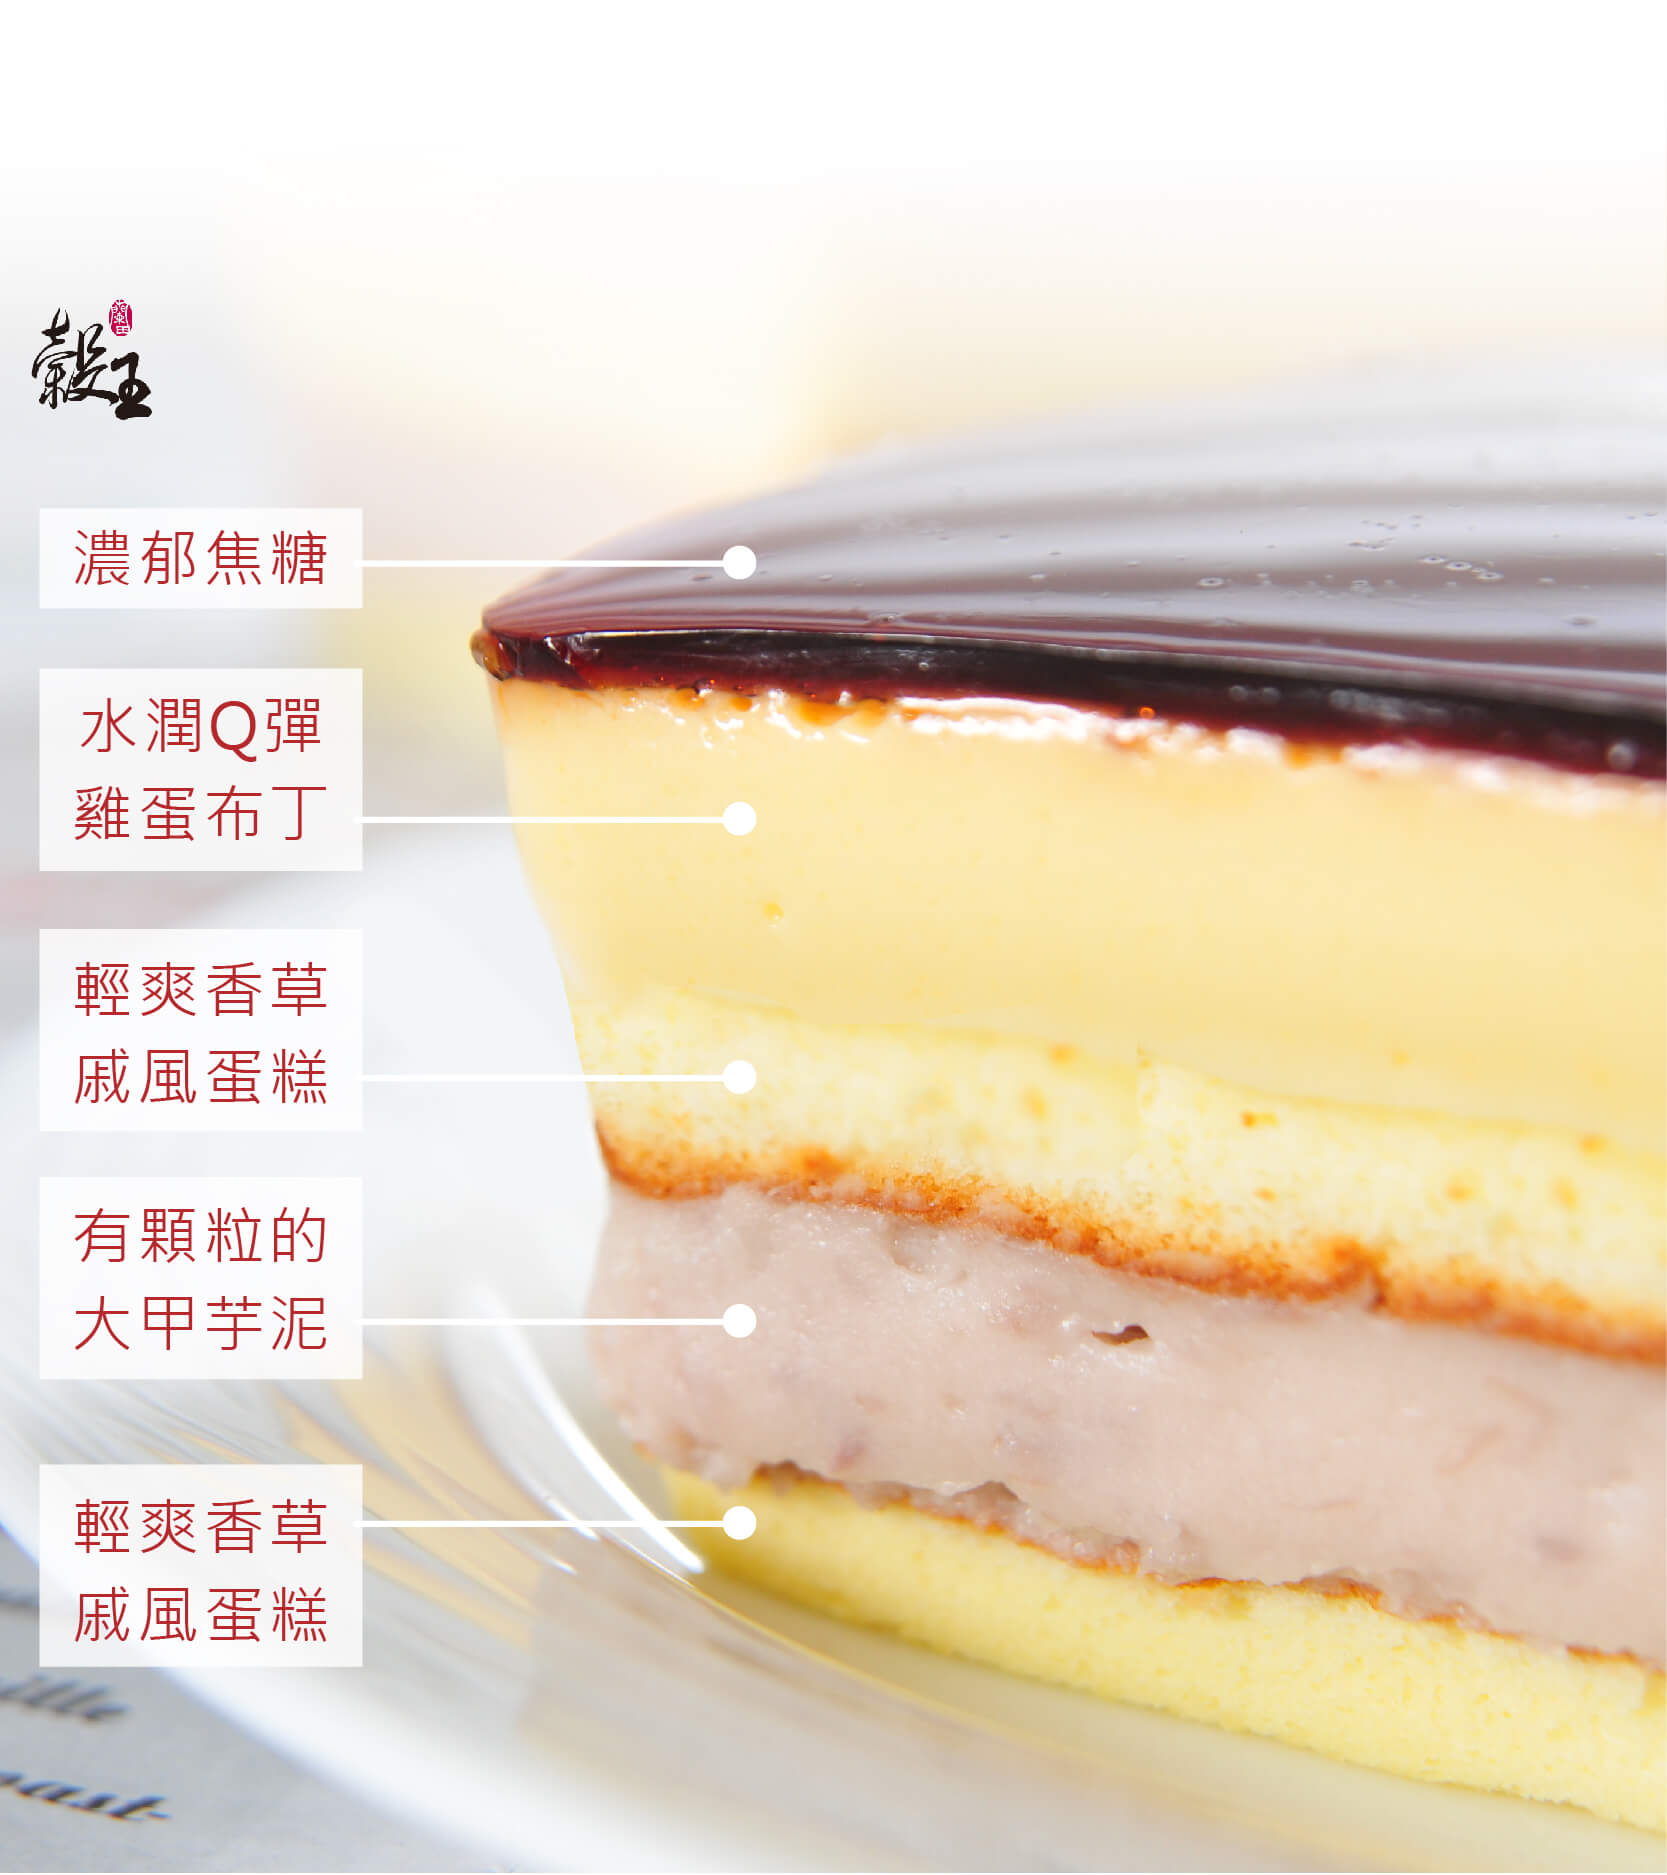 蘭田穀王烘焙坊焦糖鮮芋布丁豐富5層次解剖圖